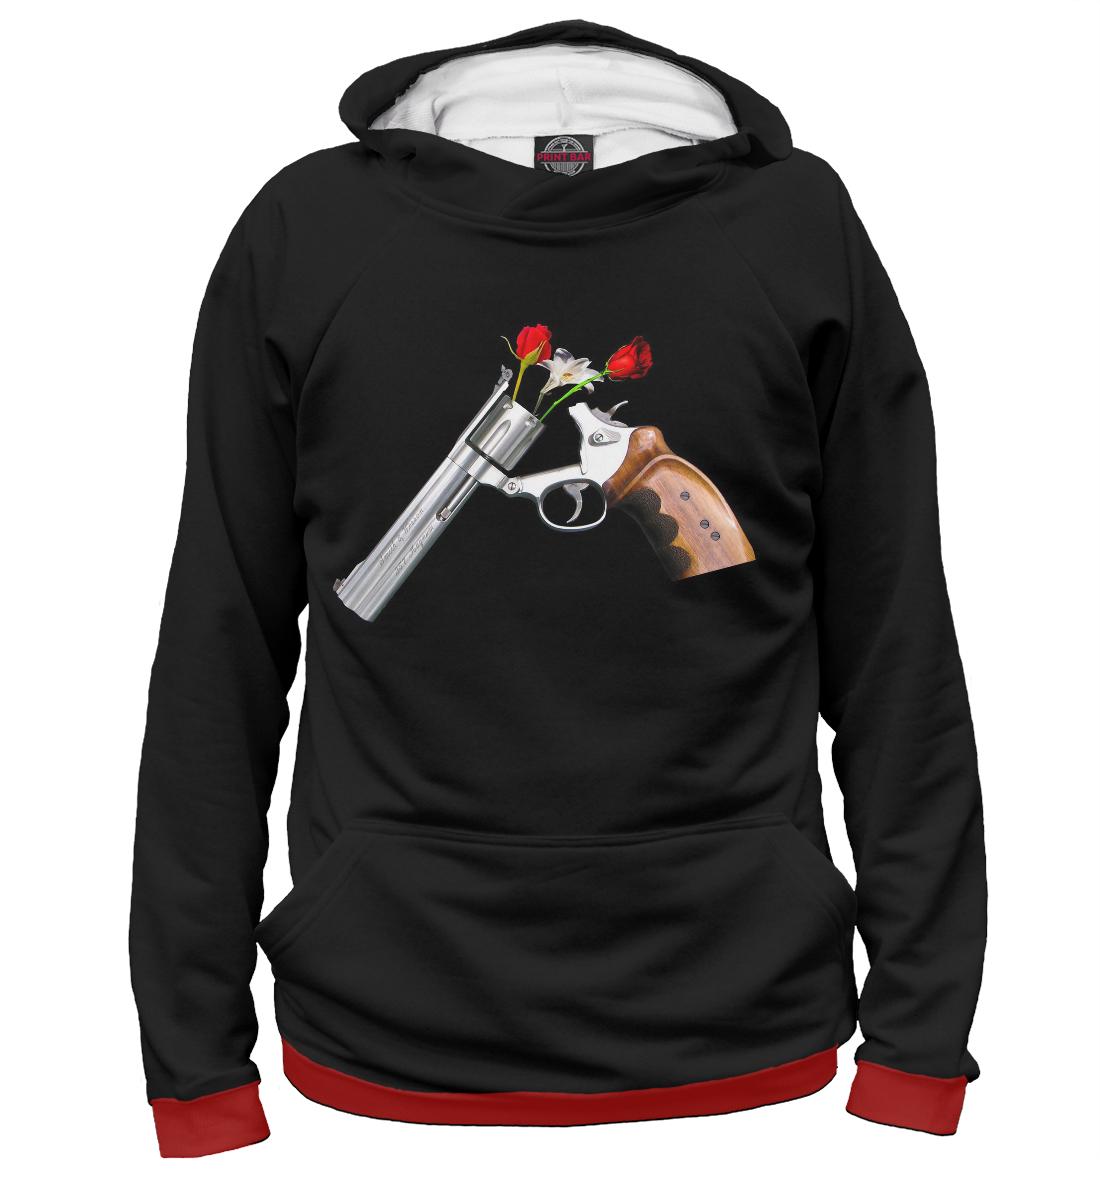 Купить Guns and Roses, Printbar, Худи, GNR-710936-hud-2